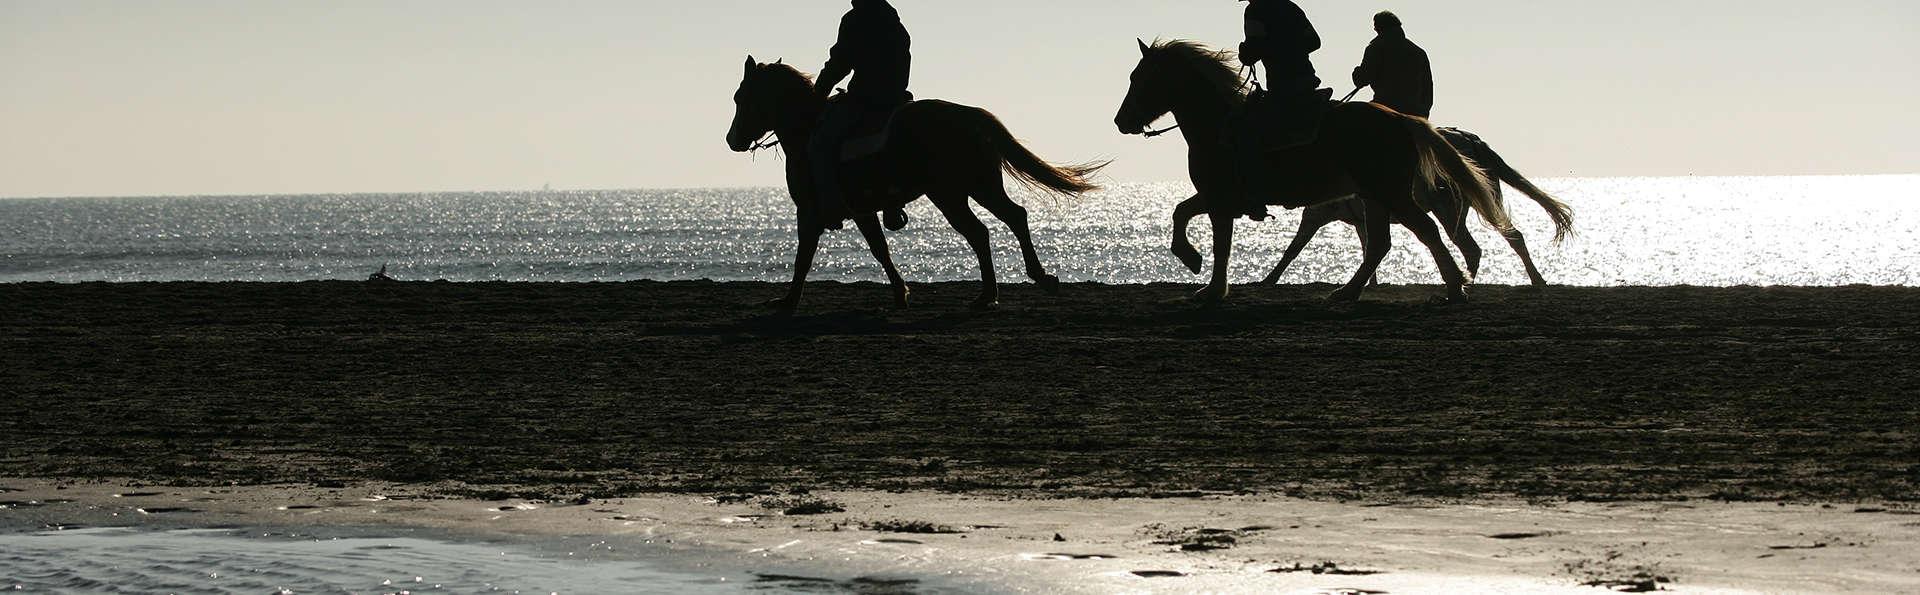 Auberge Cavalière du Pont Des Bannes  - edit_horse_riding_beach.jpg